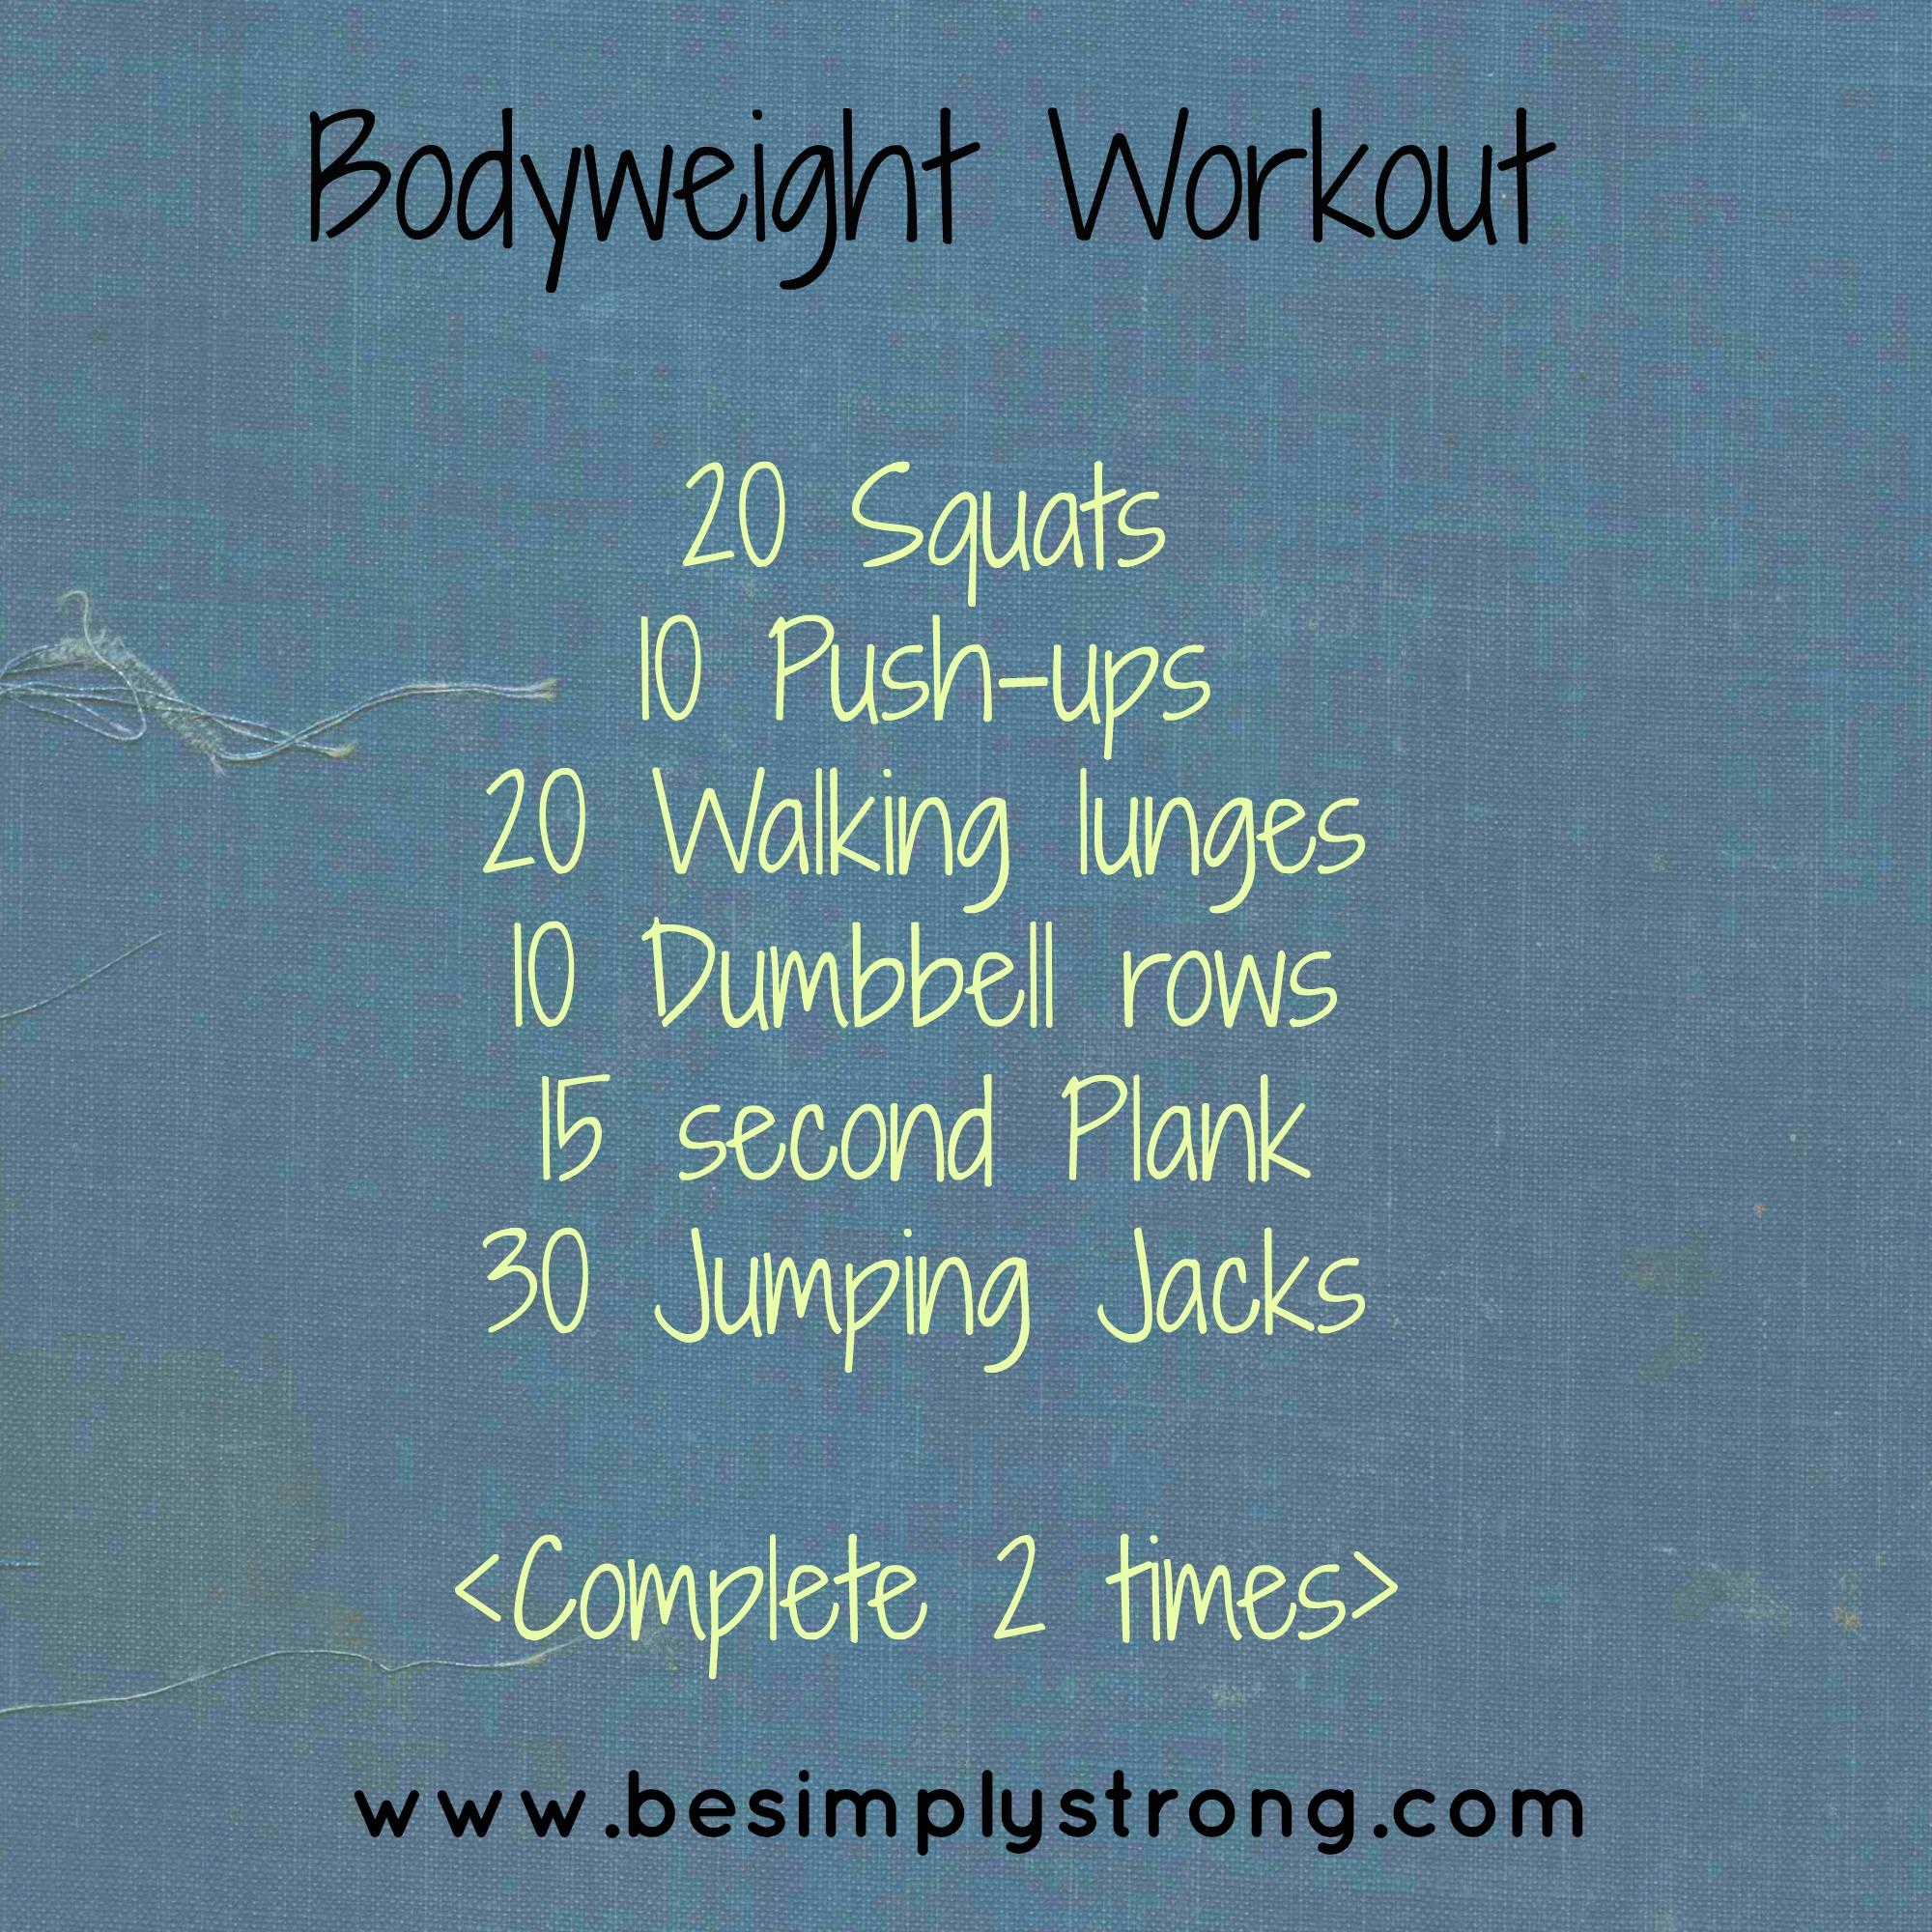 bodyweight workout.jpg